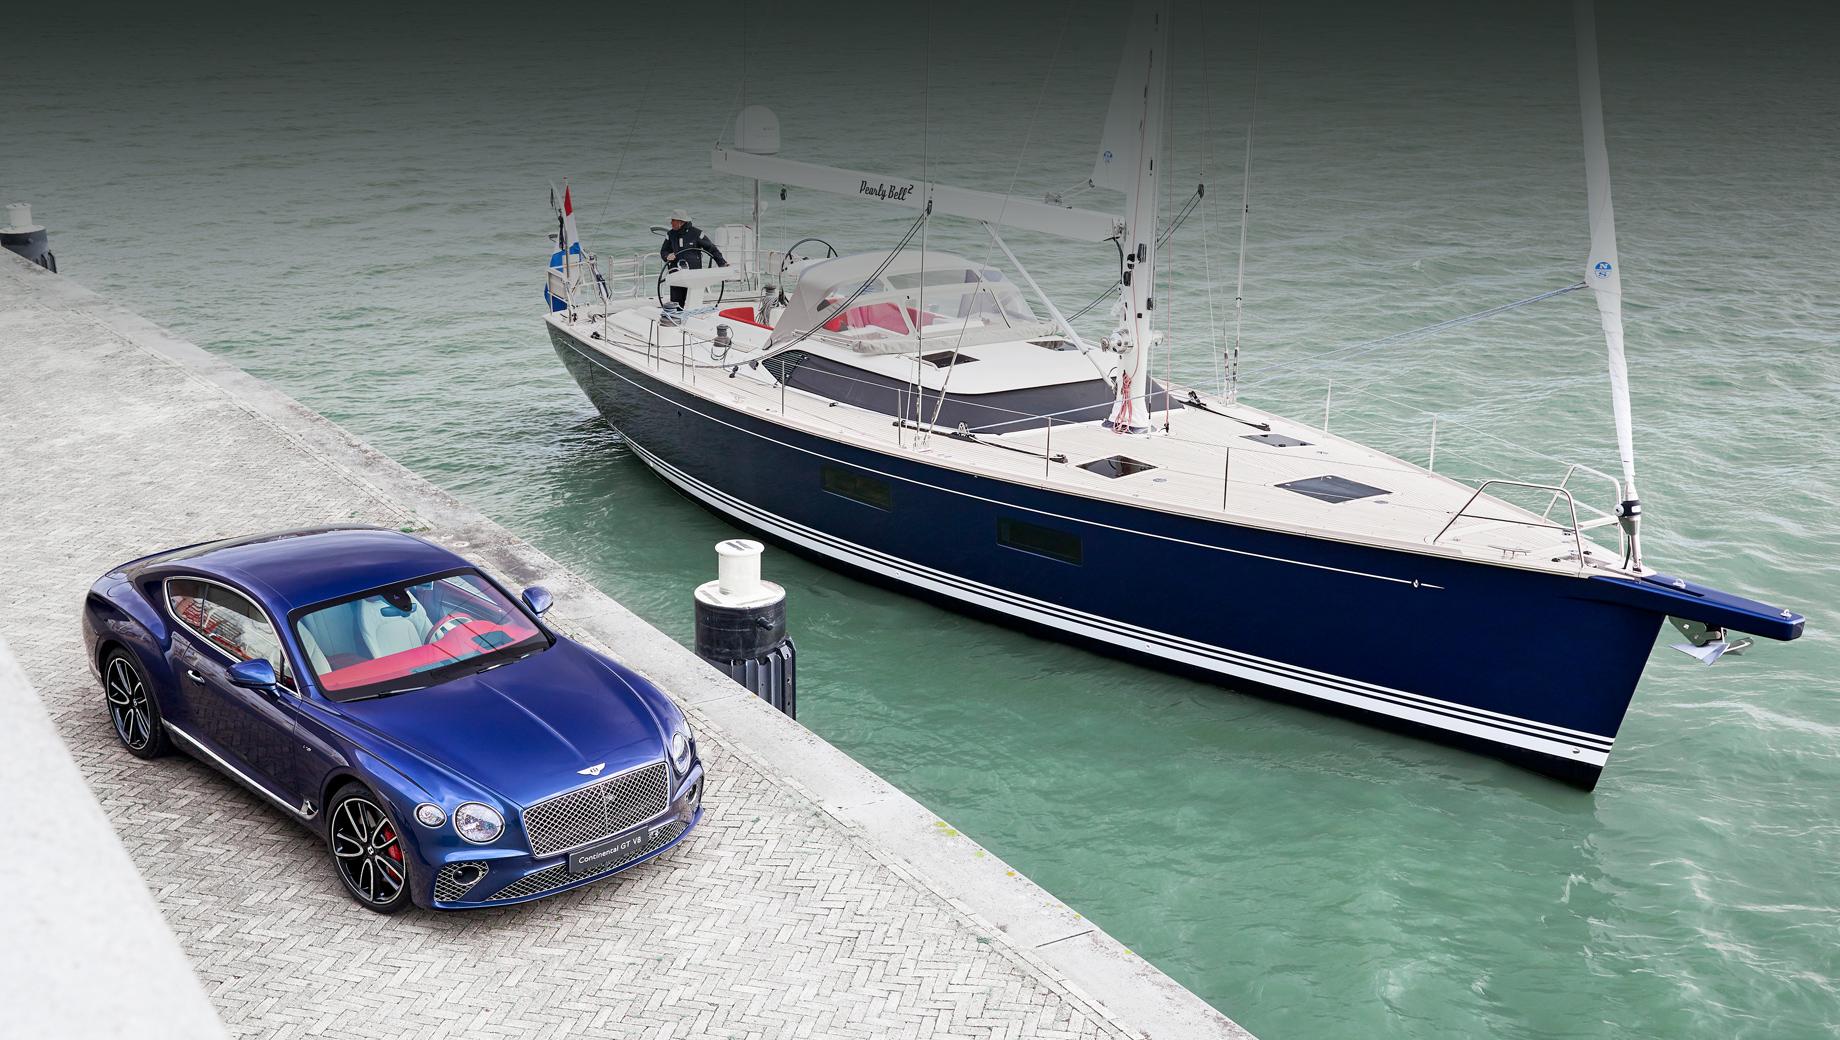 Уникальный Bentley Continental GT V8 породнился с яхтой